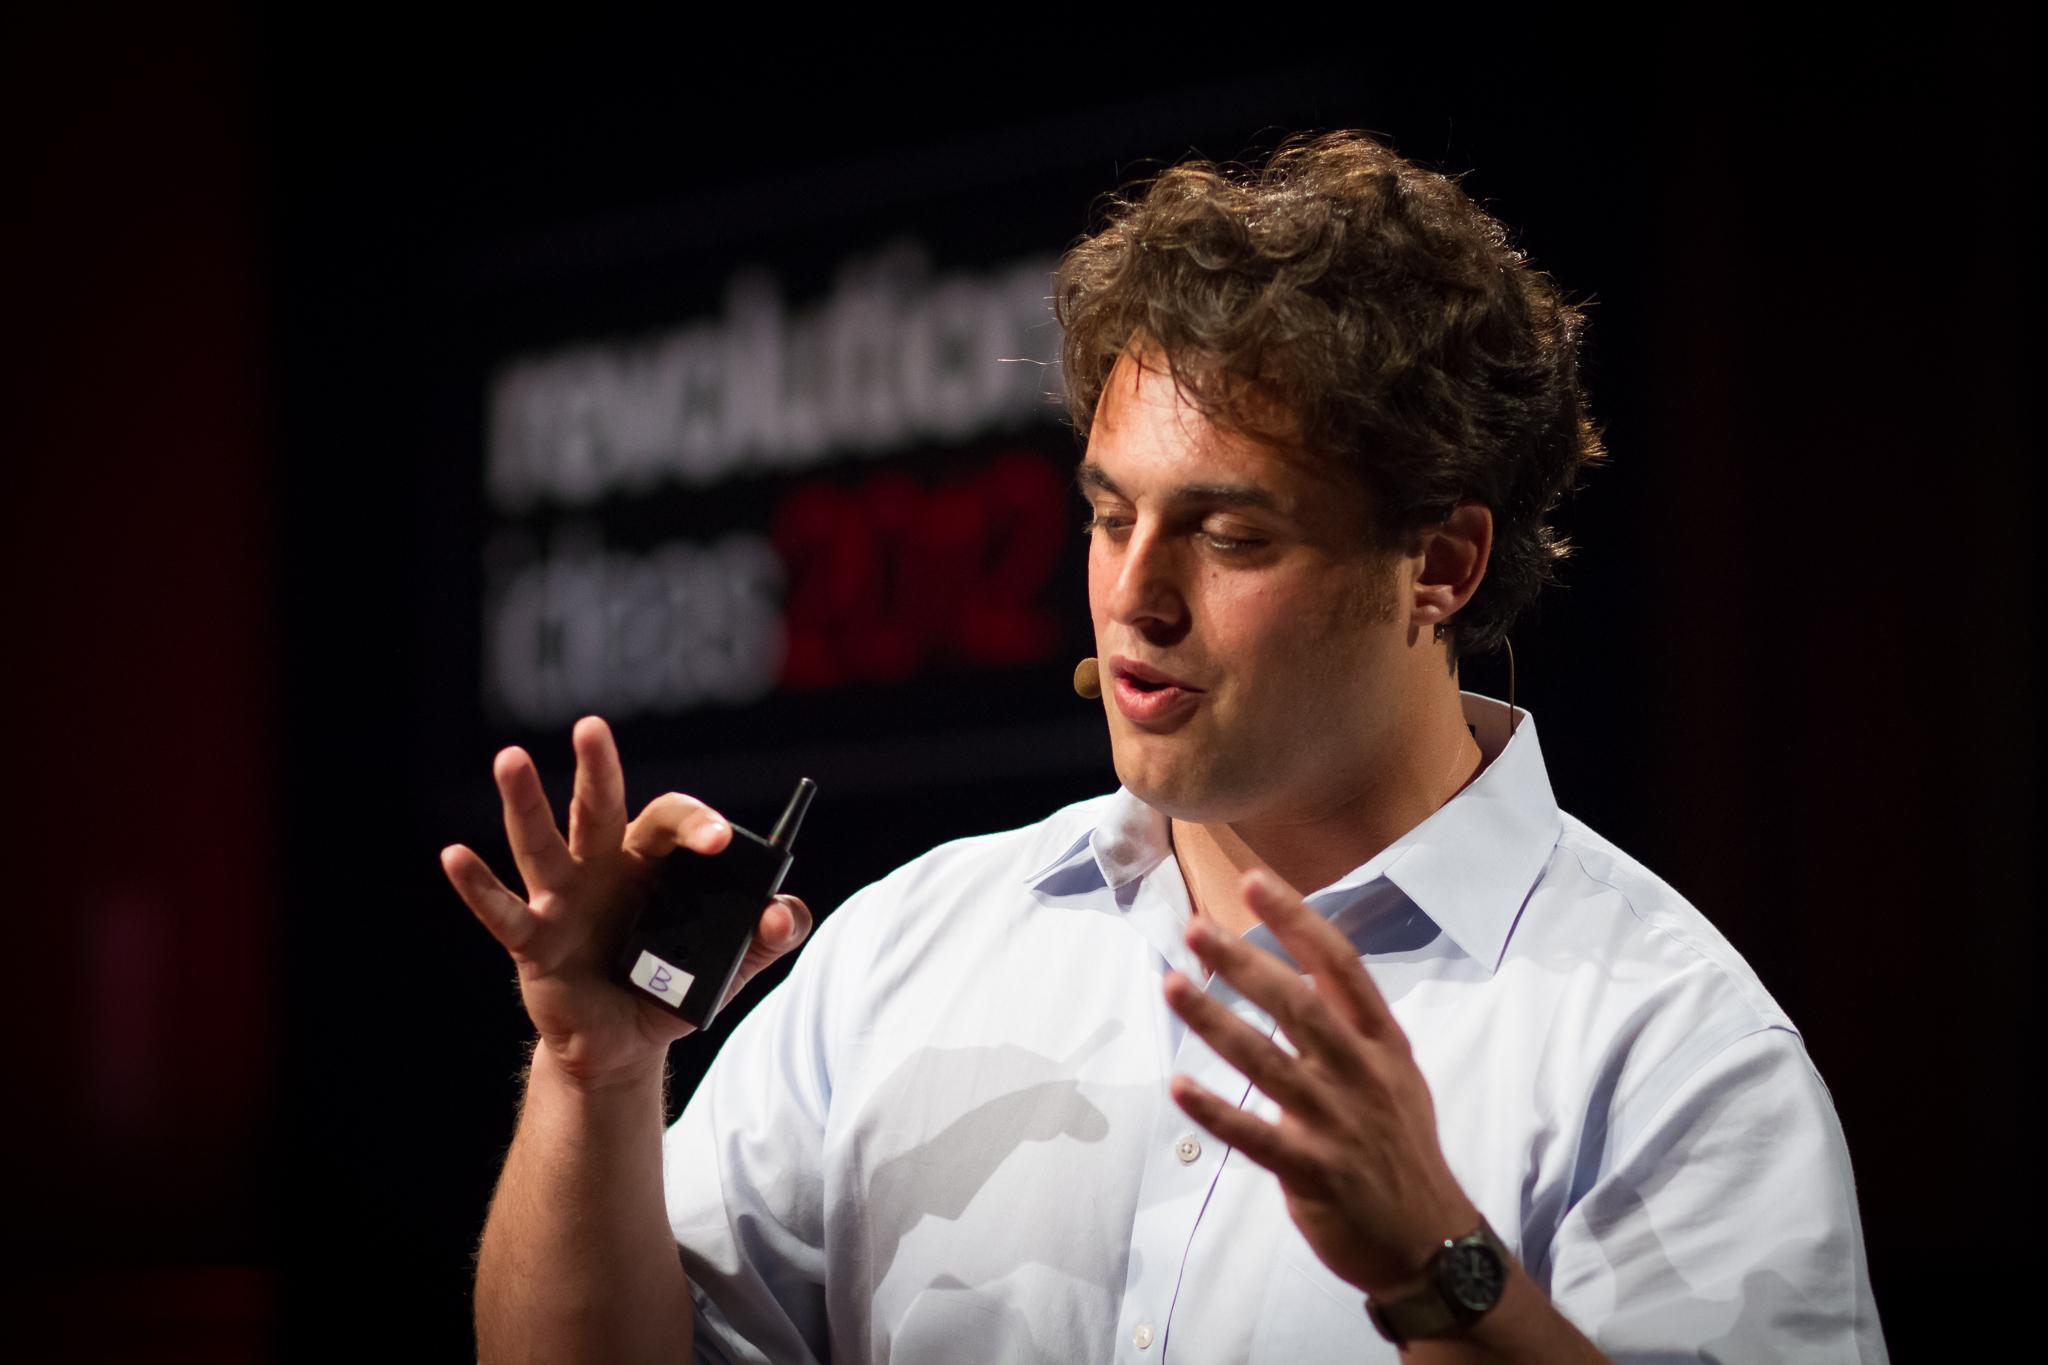 ERAT_STEVEN_20120622_TEDxBoston_804-2.jpg